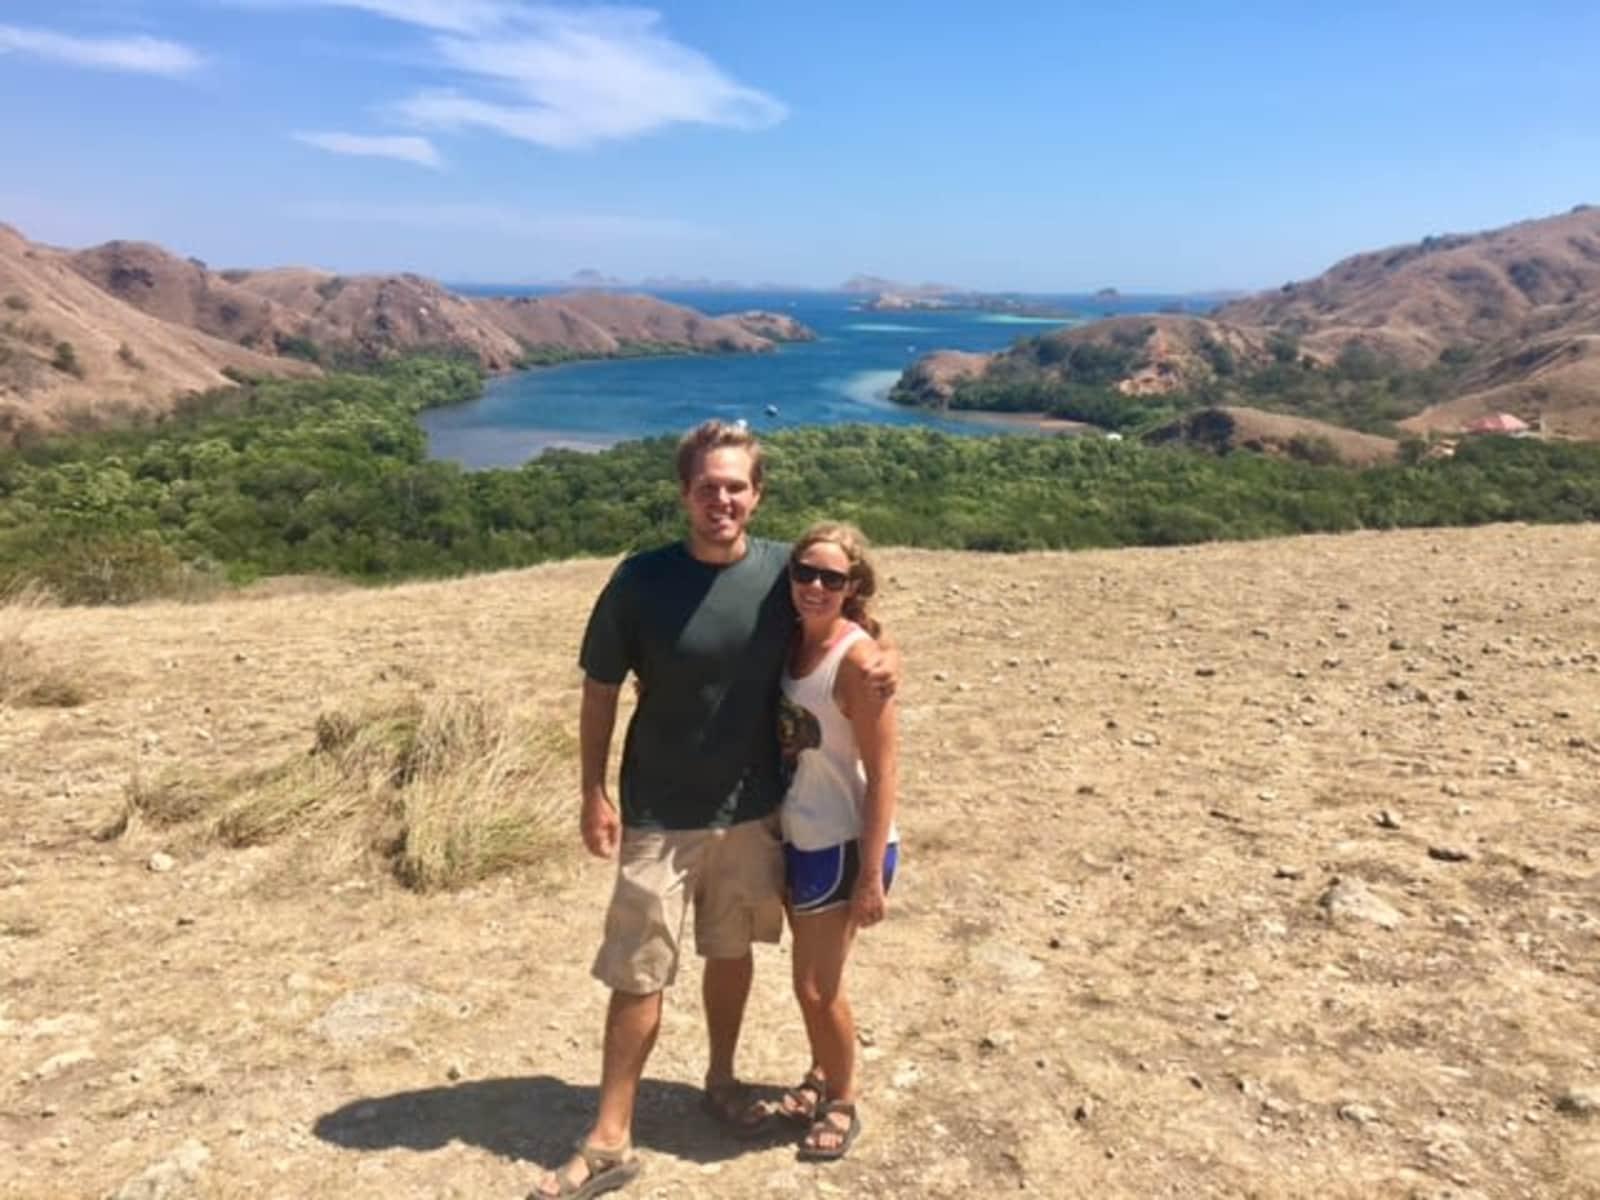 Paul & Emily from Birmingham, Alabama, United States